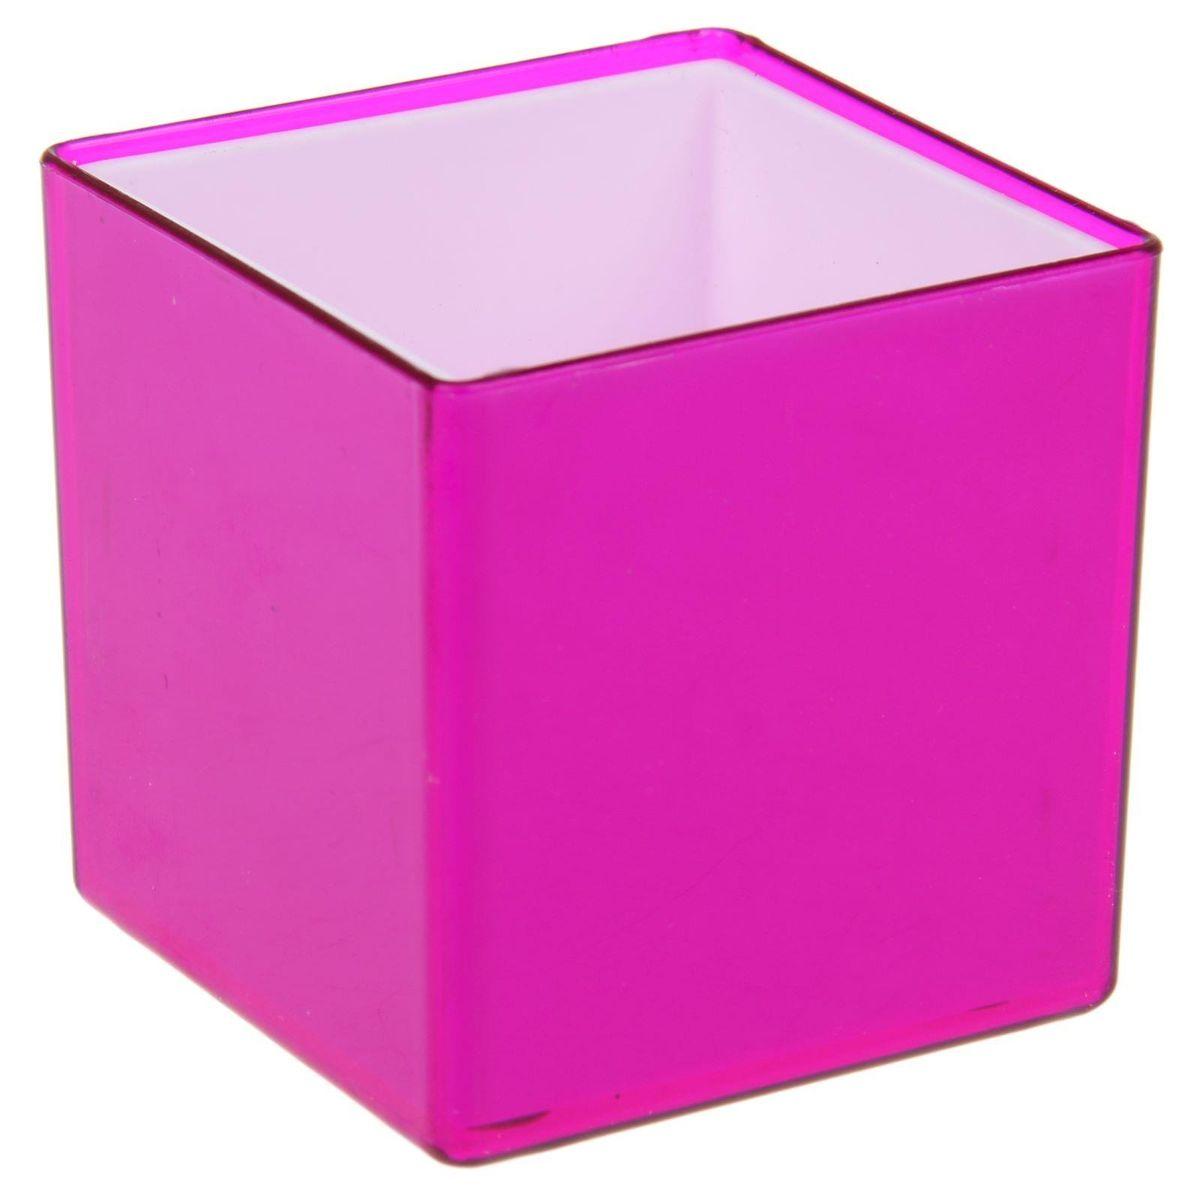 Кашпо JetPlast Мини куб, на магните, цвет: темно-фиолетовый, 6 x 6 x 6 см4612754050475Кашпо JetPlast Мини куб предназначено для украшения любого интерьера. Благодаря магнитной ленте, входящей в комплект, вы можете разместить его не только на подоконнике, столе или иной поверхности, а также на холодильнике и любой другой металлической поверхности, дополняя привычные вещи новыми дизайнерскими решениями. Кашпо можно использовать не только под цветы, но и как подставку для ручек, карандашей и прочих канцелярских мелочей. Размеры кашпо: 6 х 6 х 6 см.